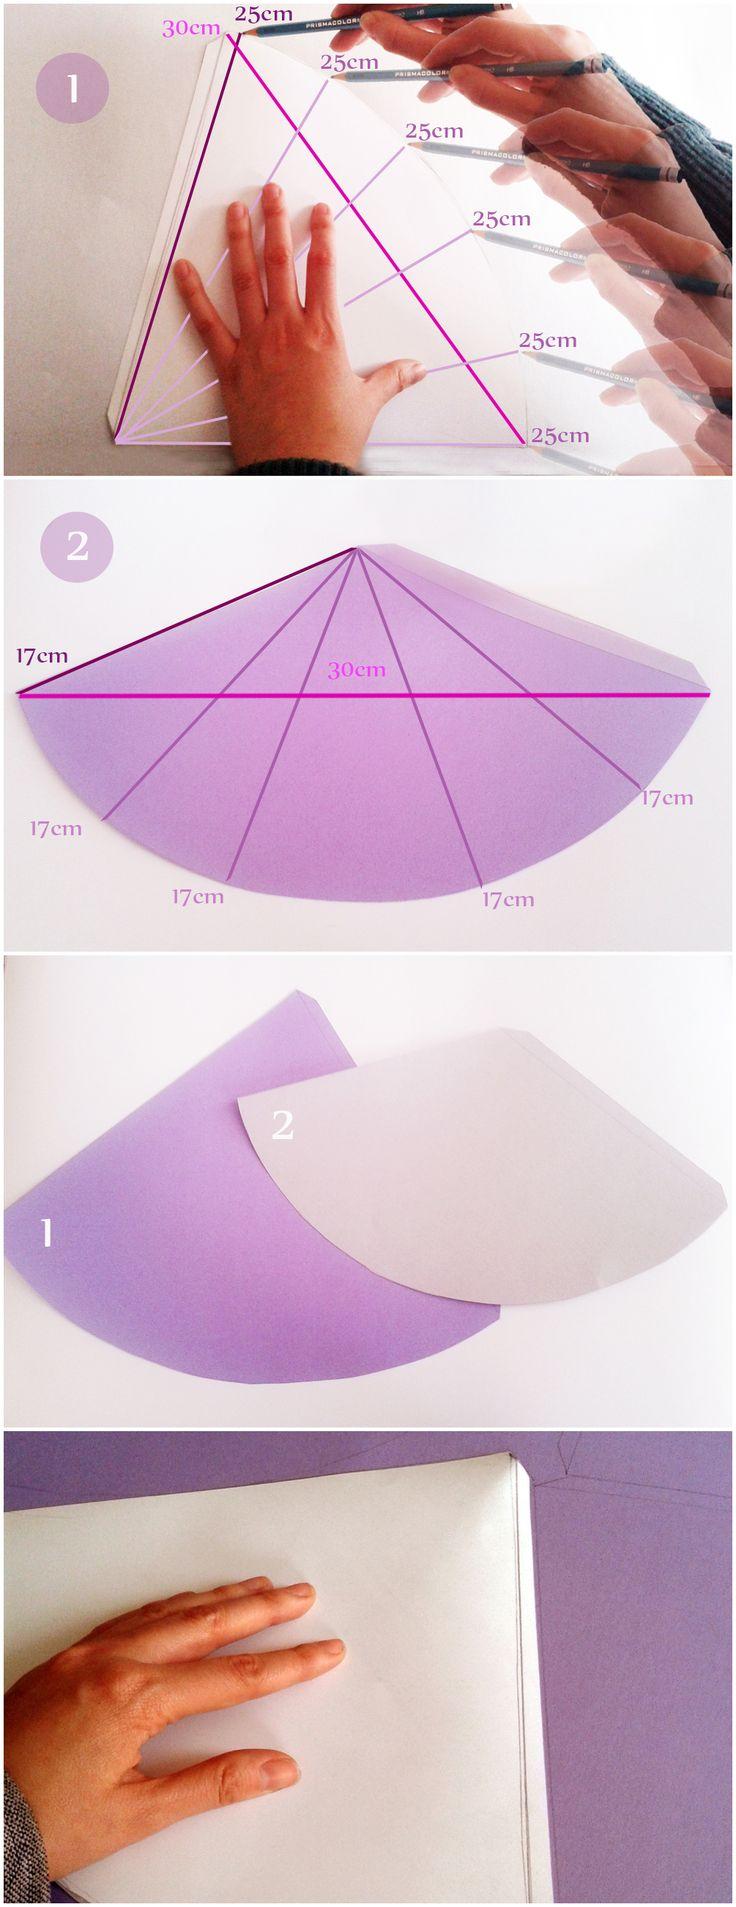 Aquí compartimos las medidas del molde para hacer el gorro de princesa y un gorrito de fiesta